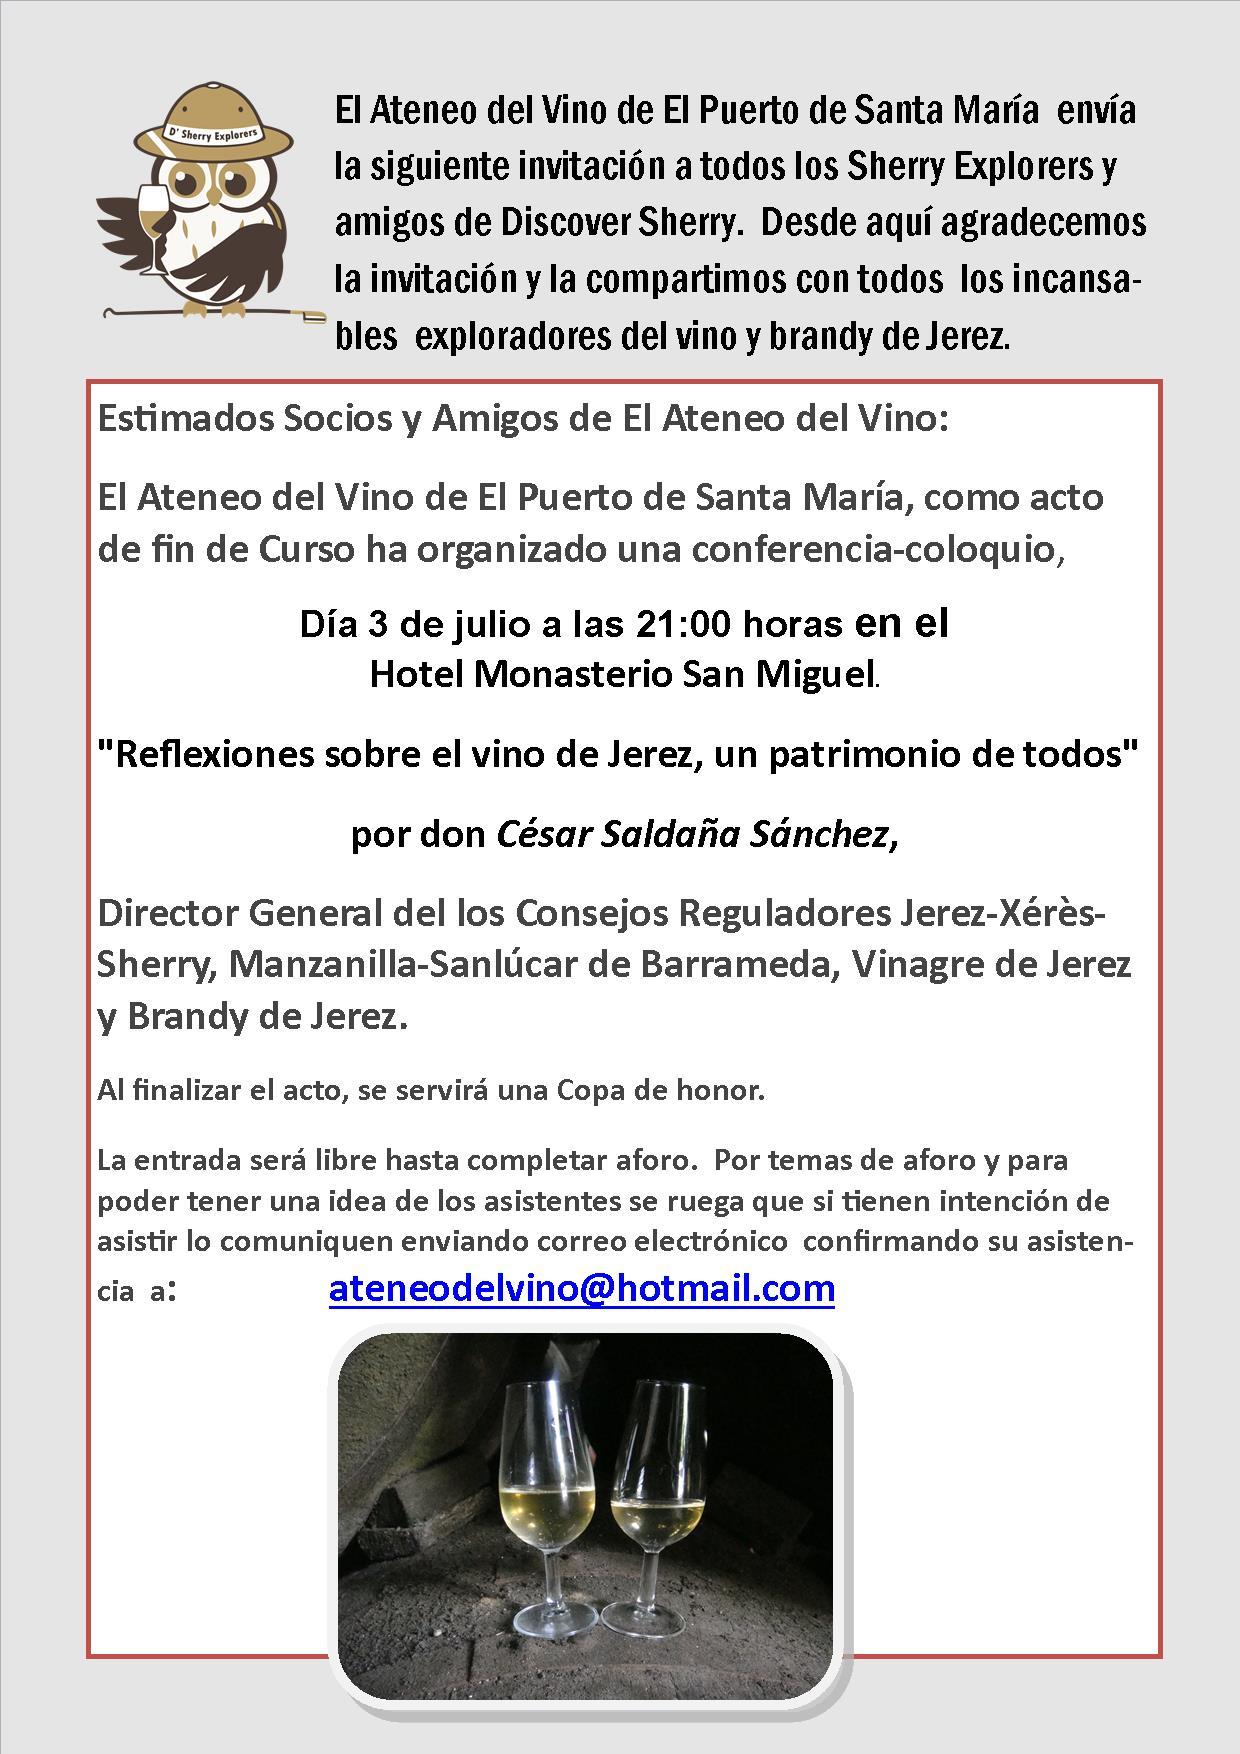 Invitación Ateneo del Vino,  3 de julio, 21:00h